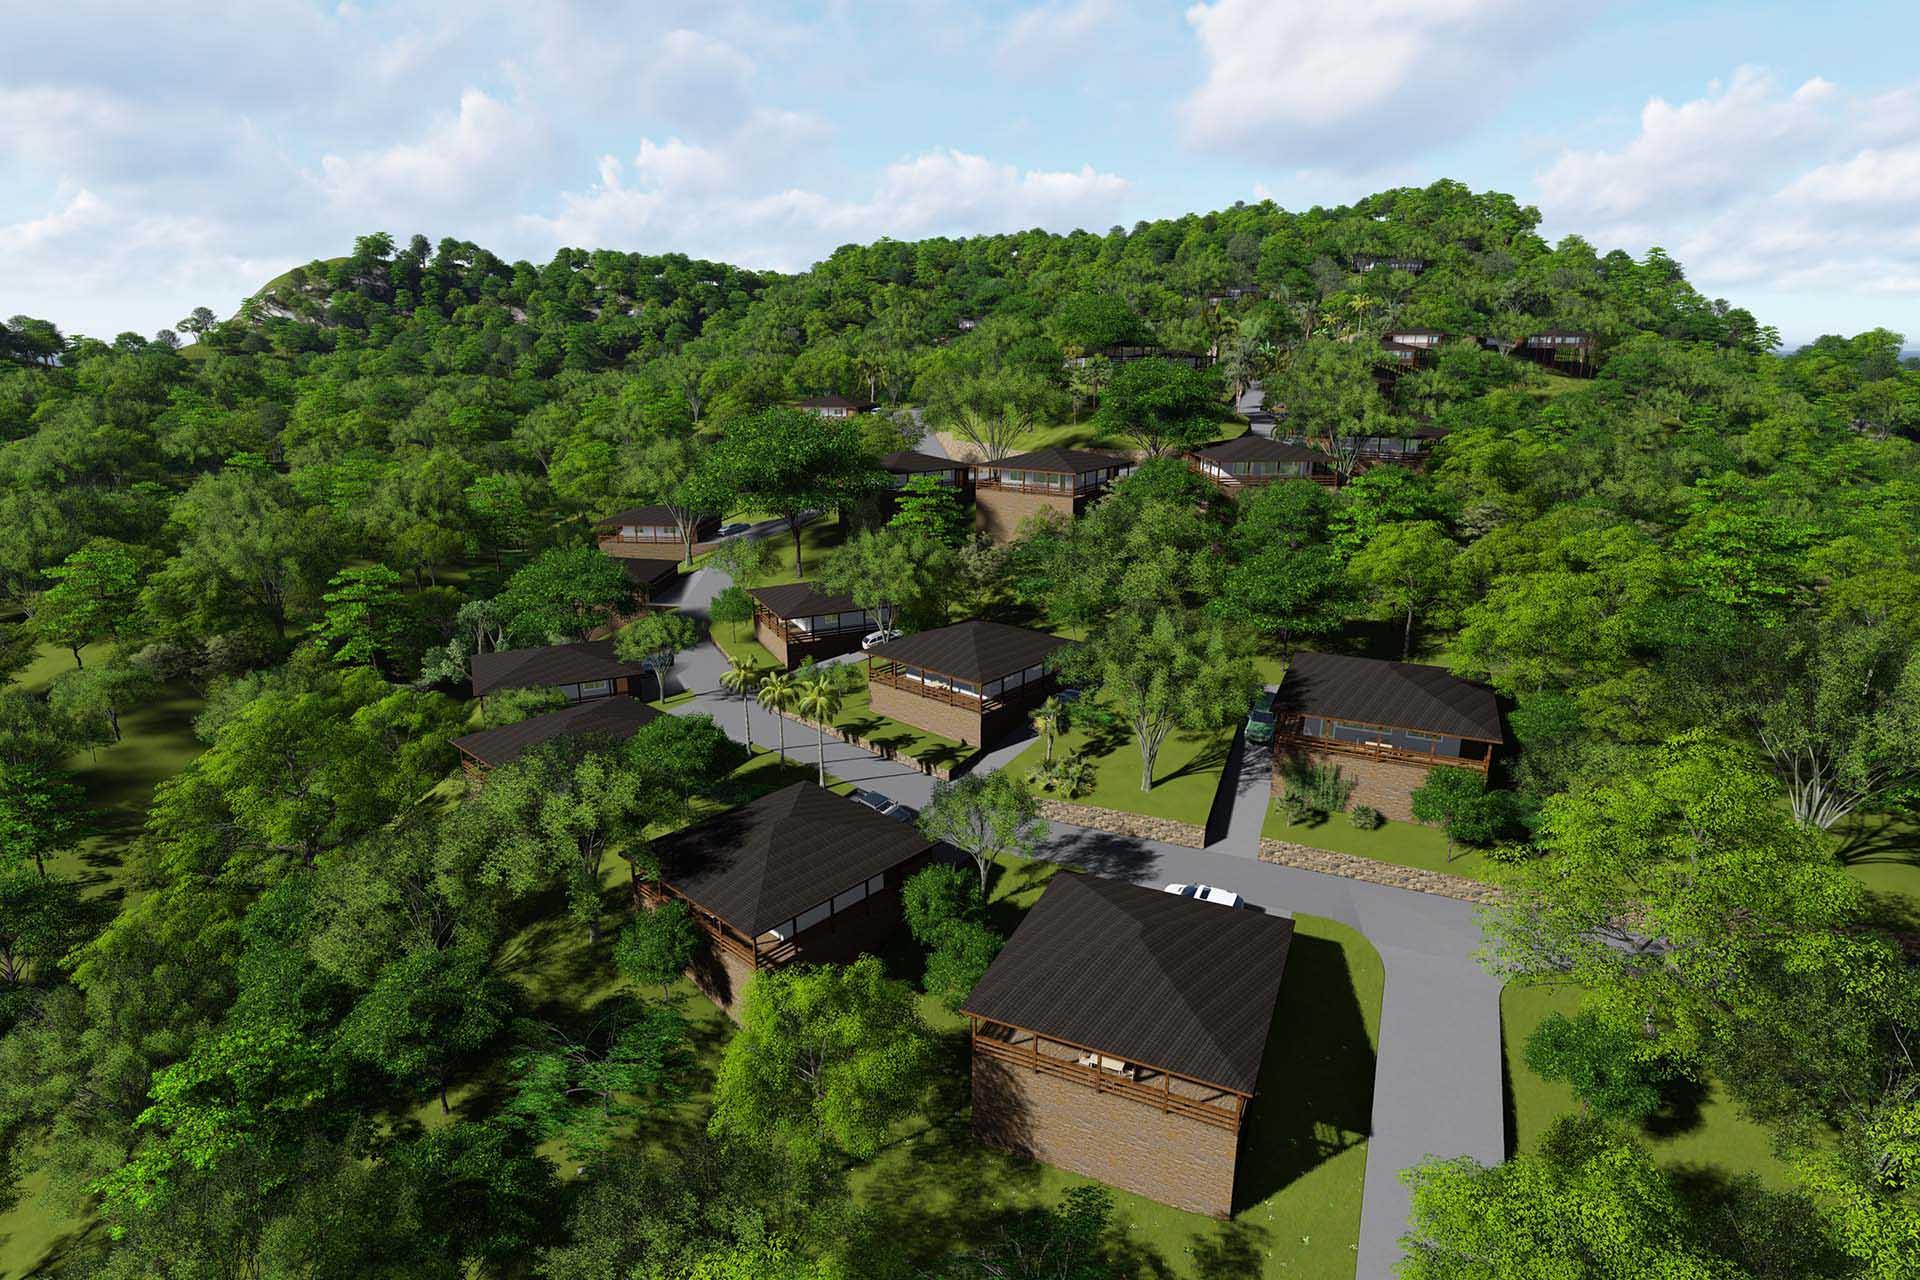 Vizualizace budoucí podoby nové části resortu Diamond Hill